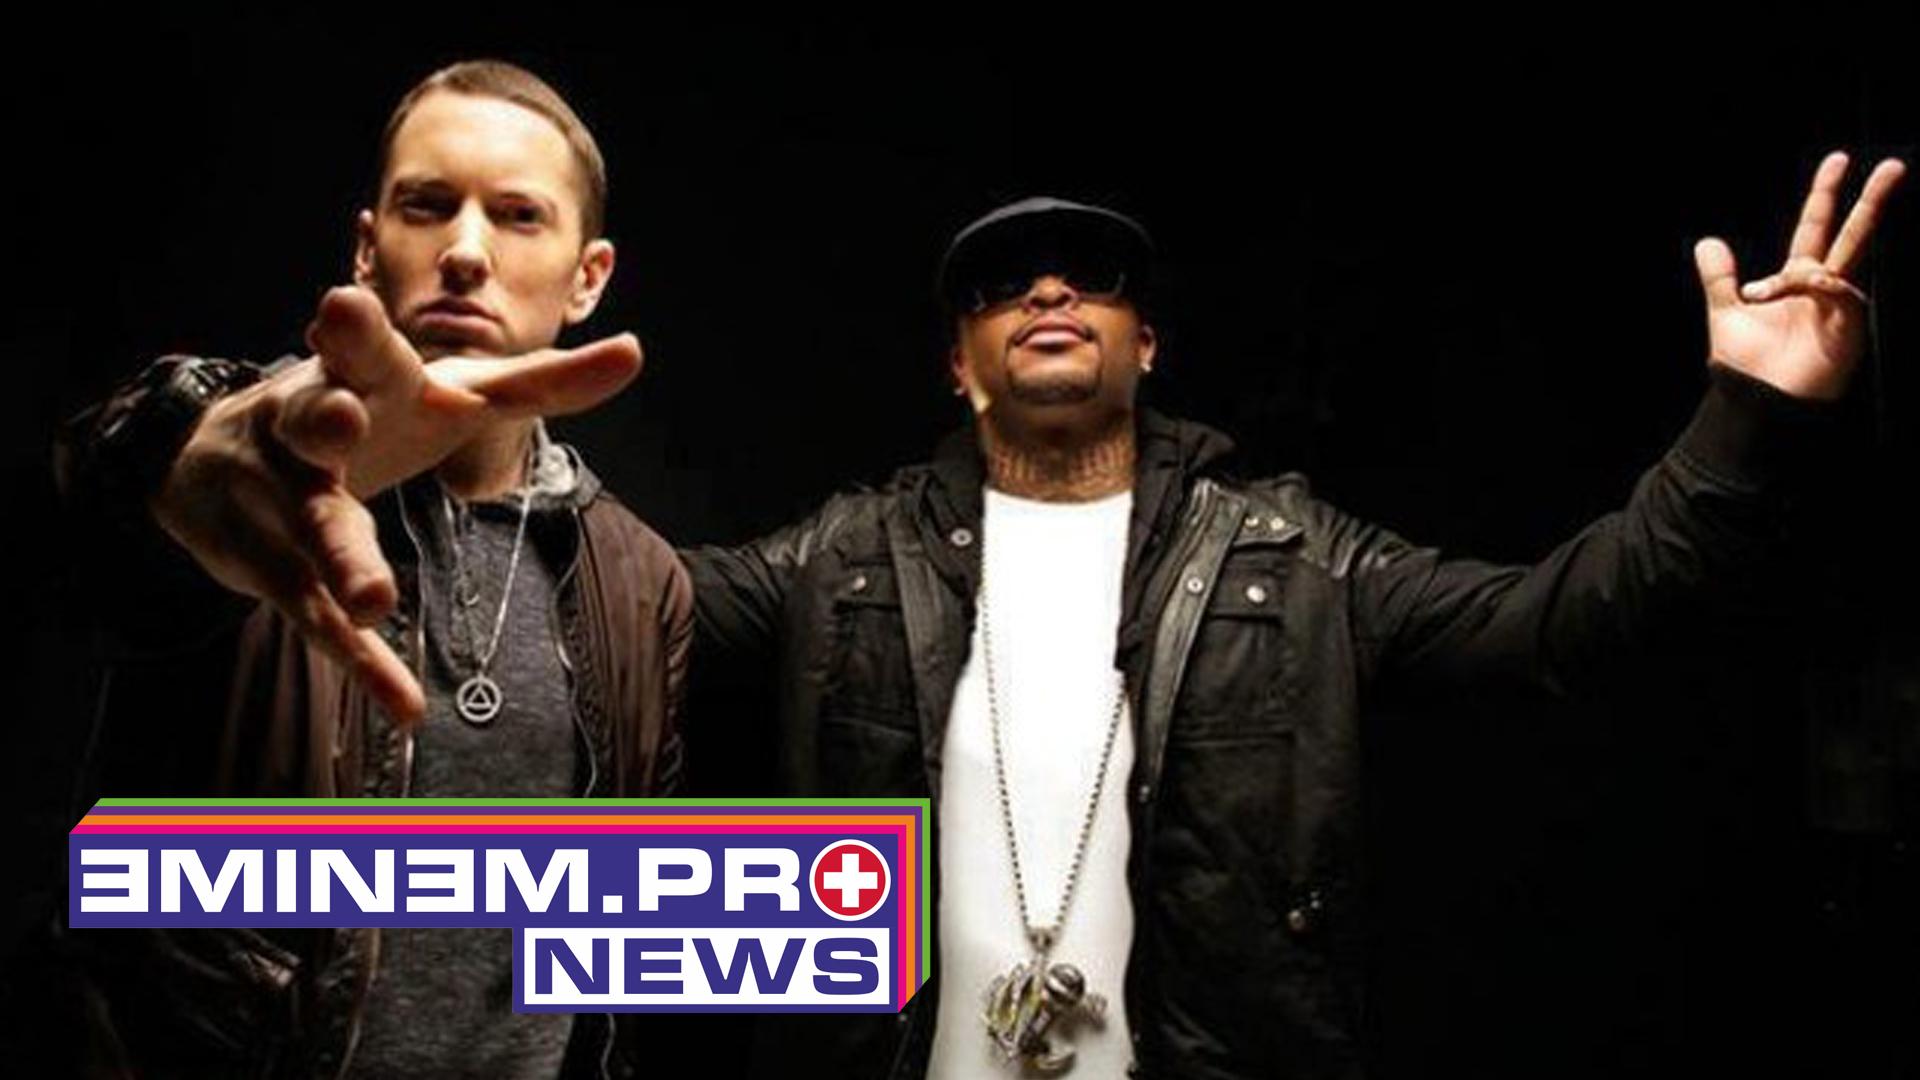 Возможно, Royce 5'9 запустил промо второго альбома Bad Meets Evil